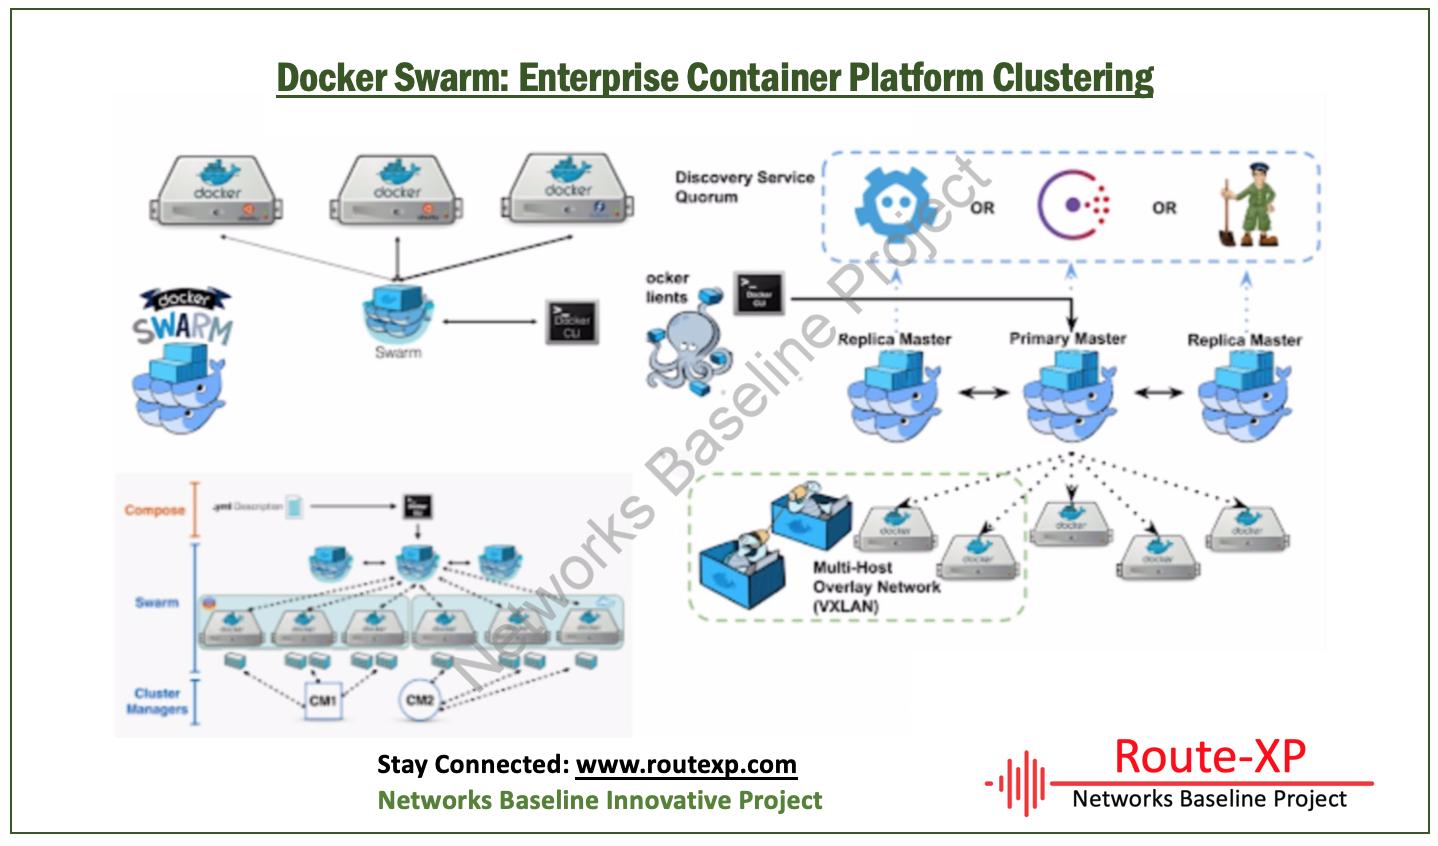 Docker Swarm: Enterprise Container Platform Clustering - Route XP